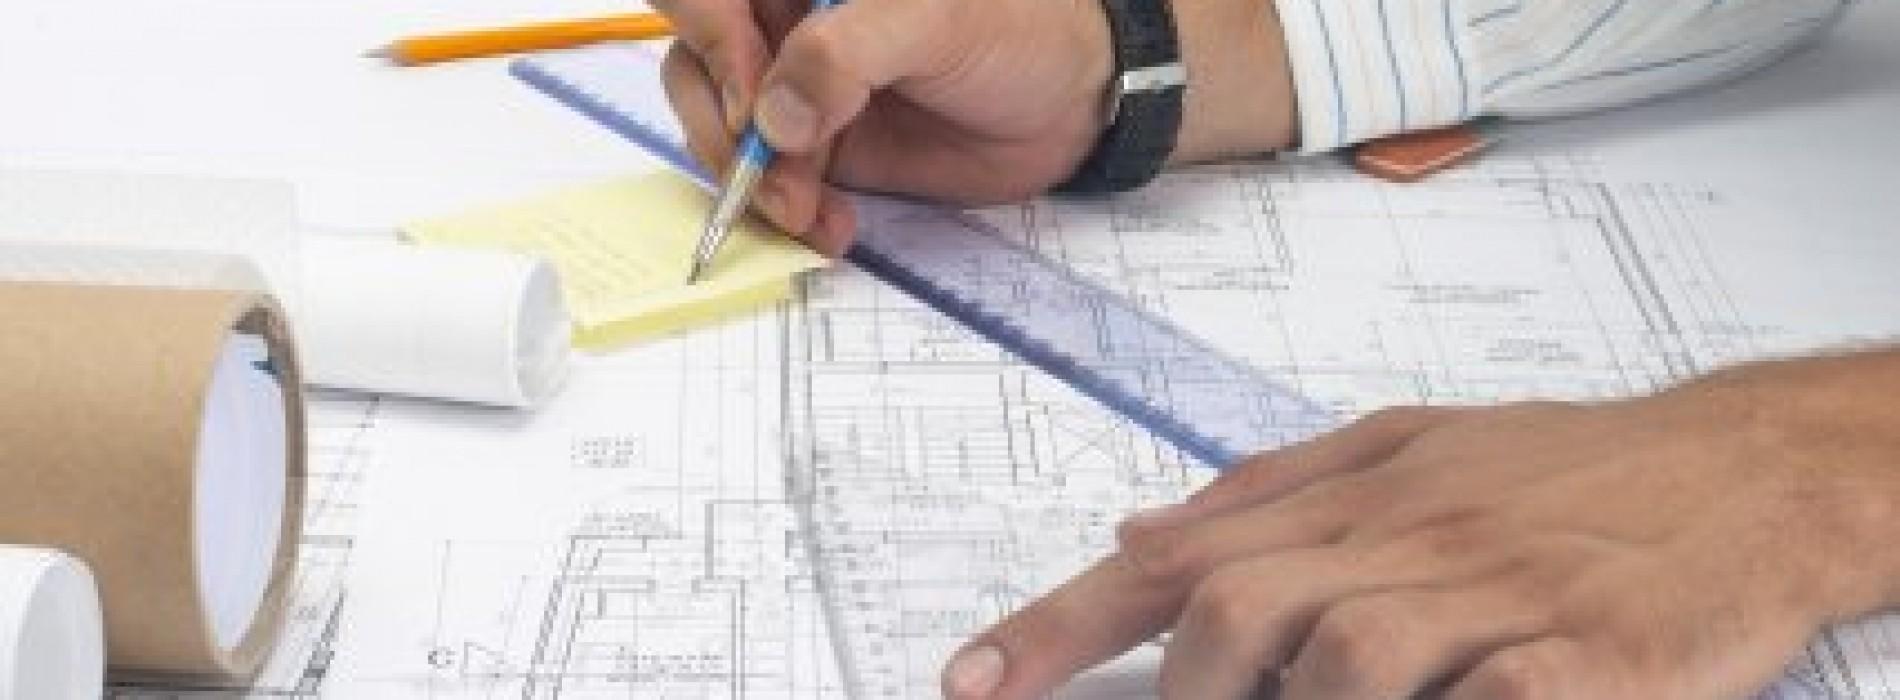 Jakie wypłaty otrzymują architekci?